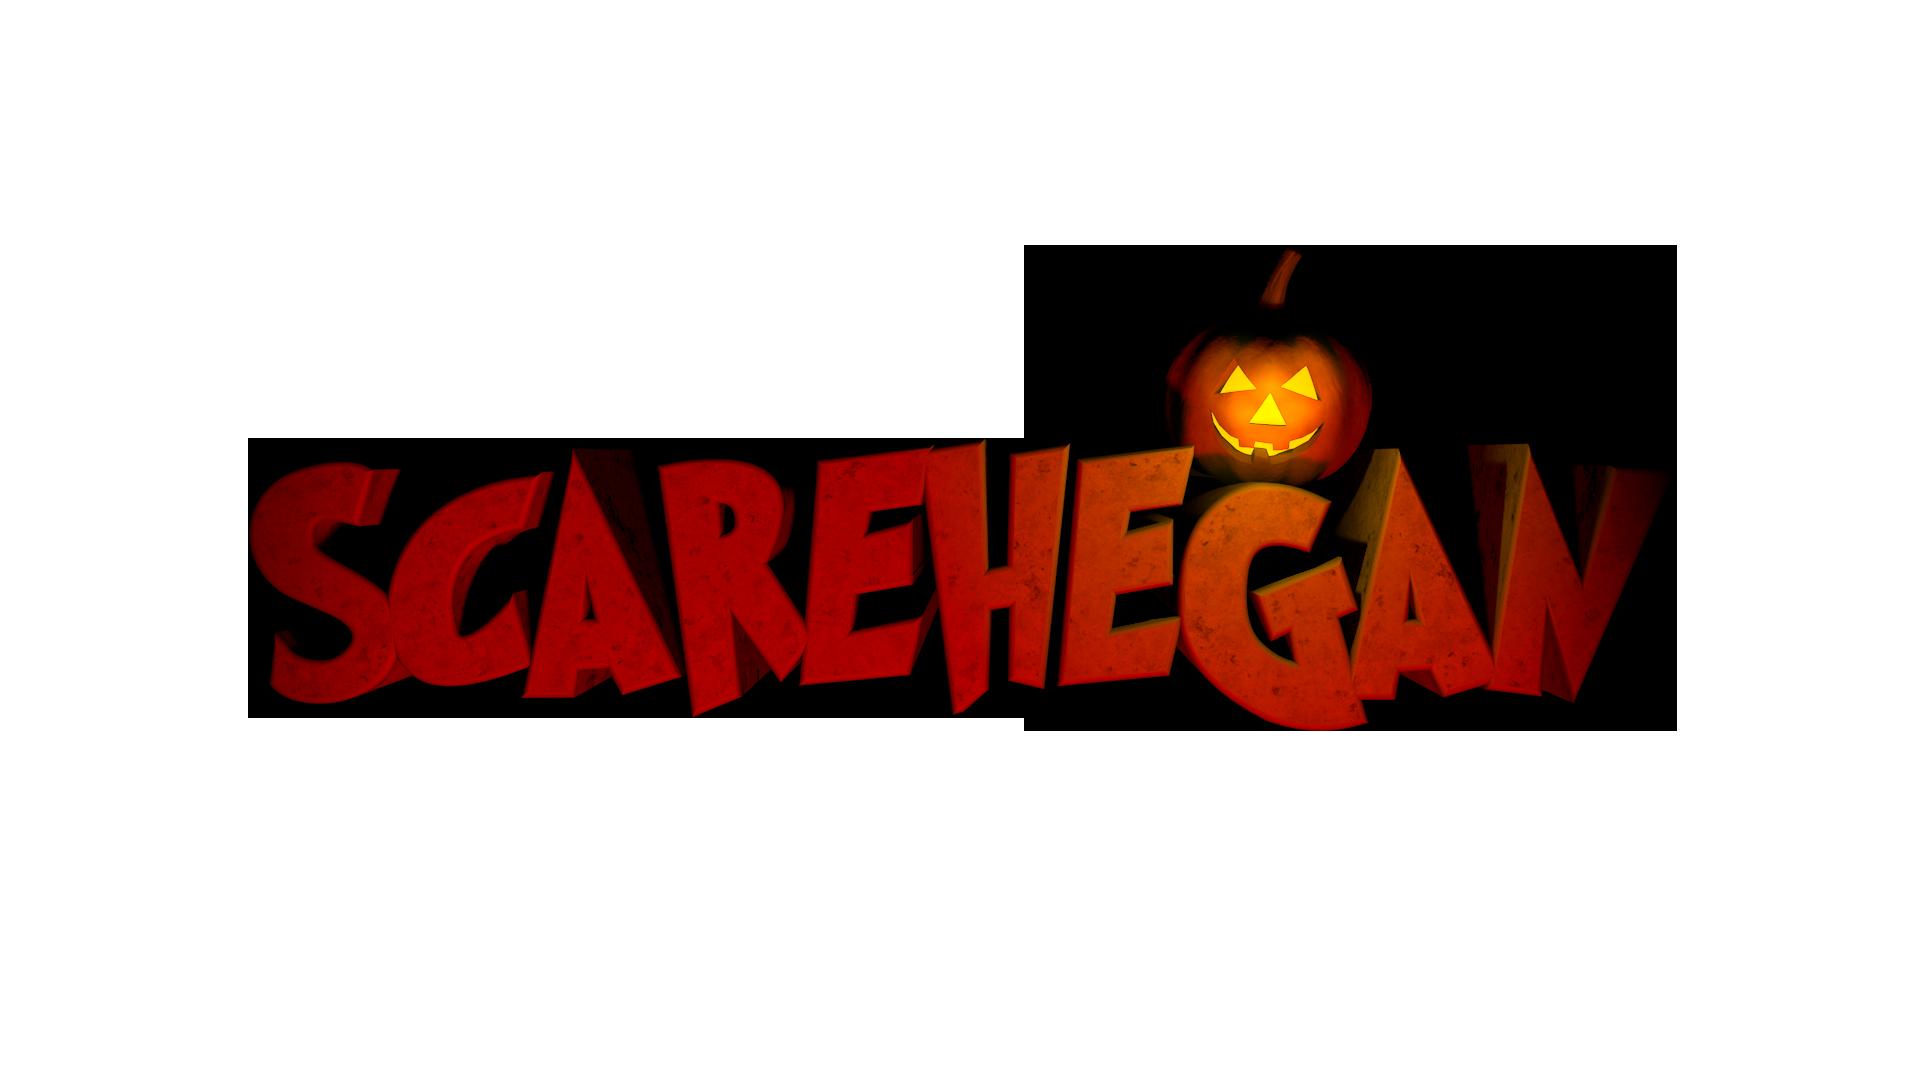 scareheganflyer1.png